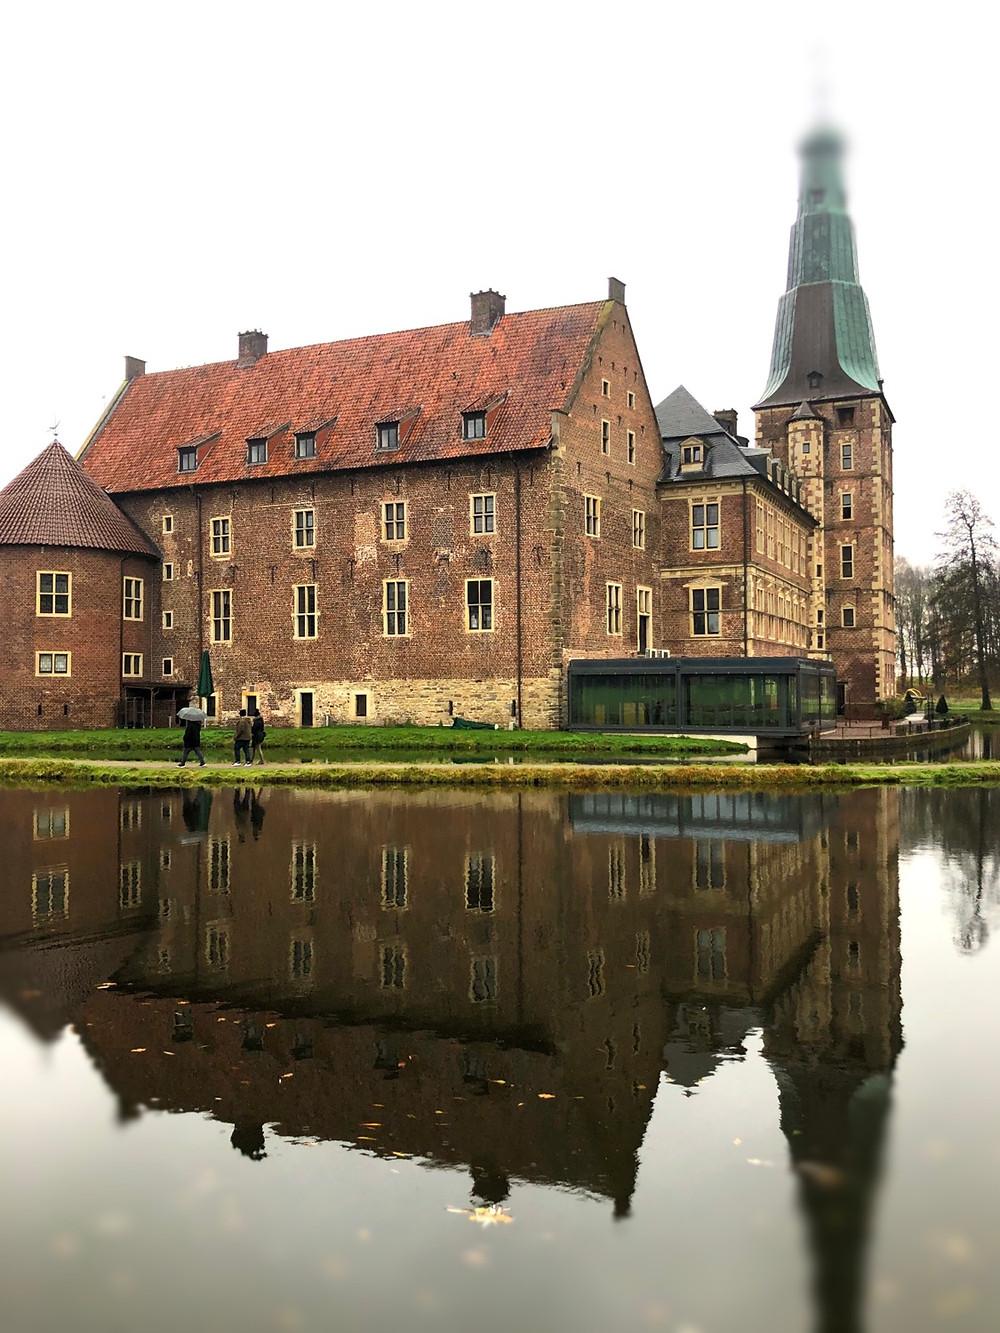 Schloss-Raesfeld-NRW-Münsterland-unternehmungen-Lockdown-Corona